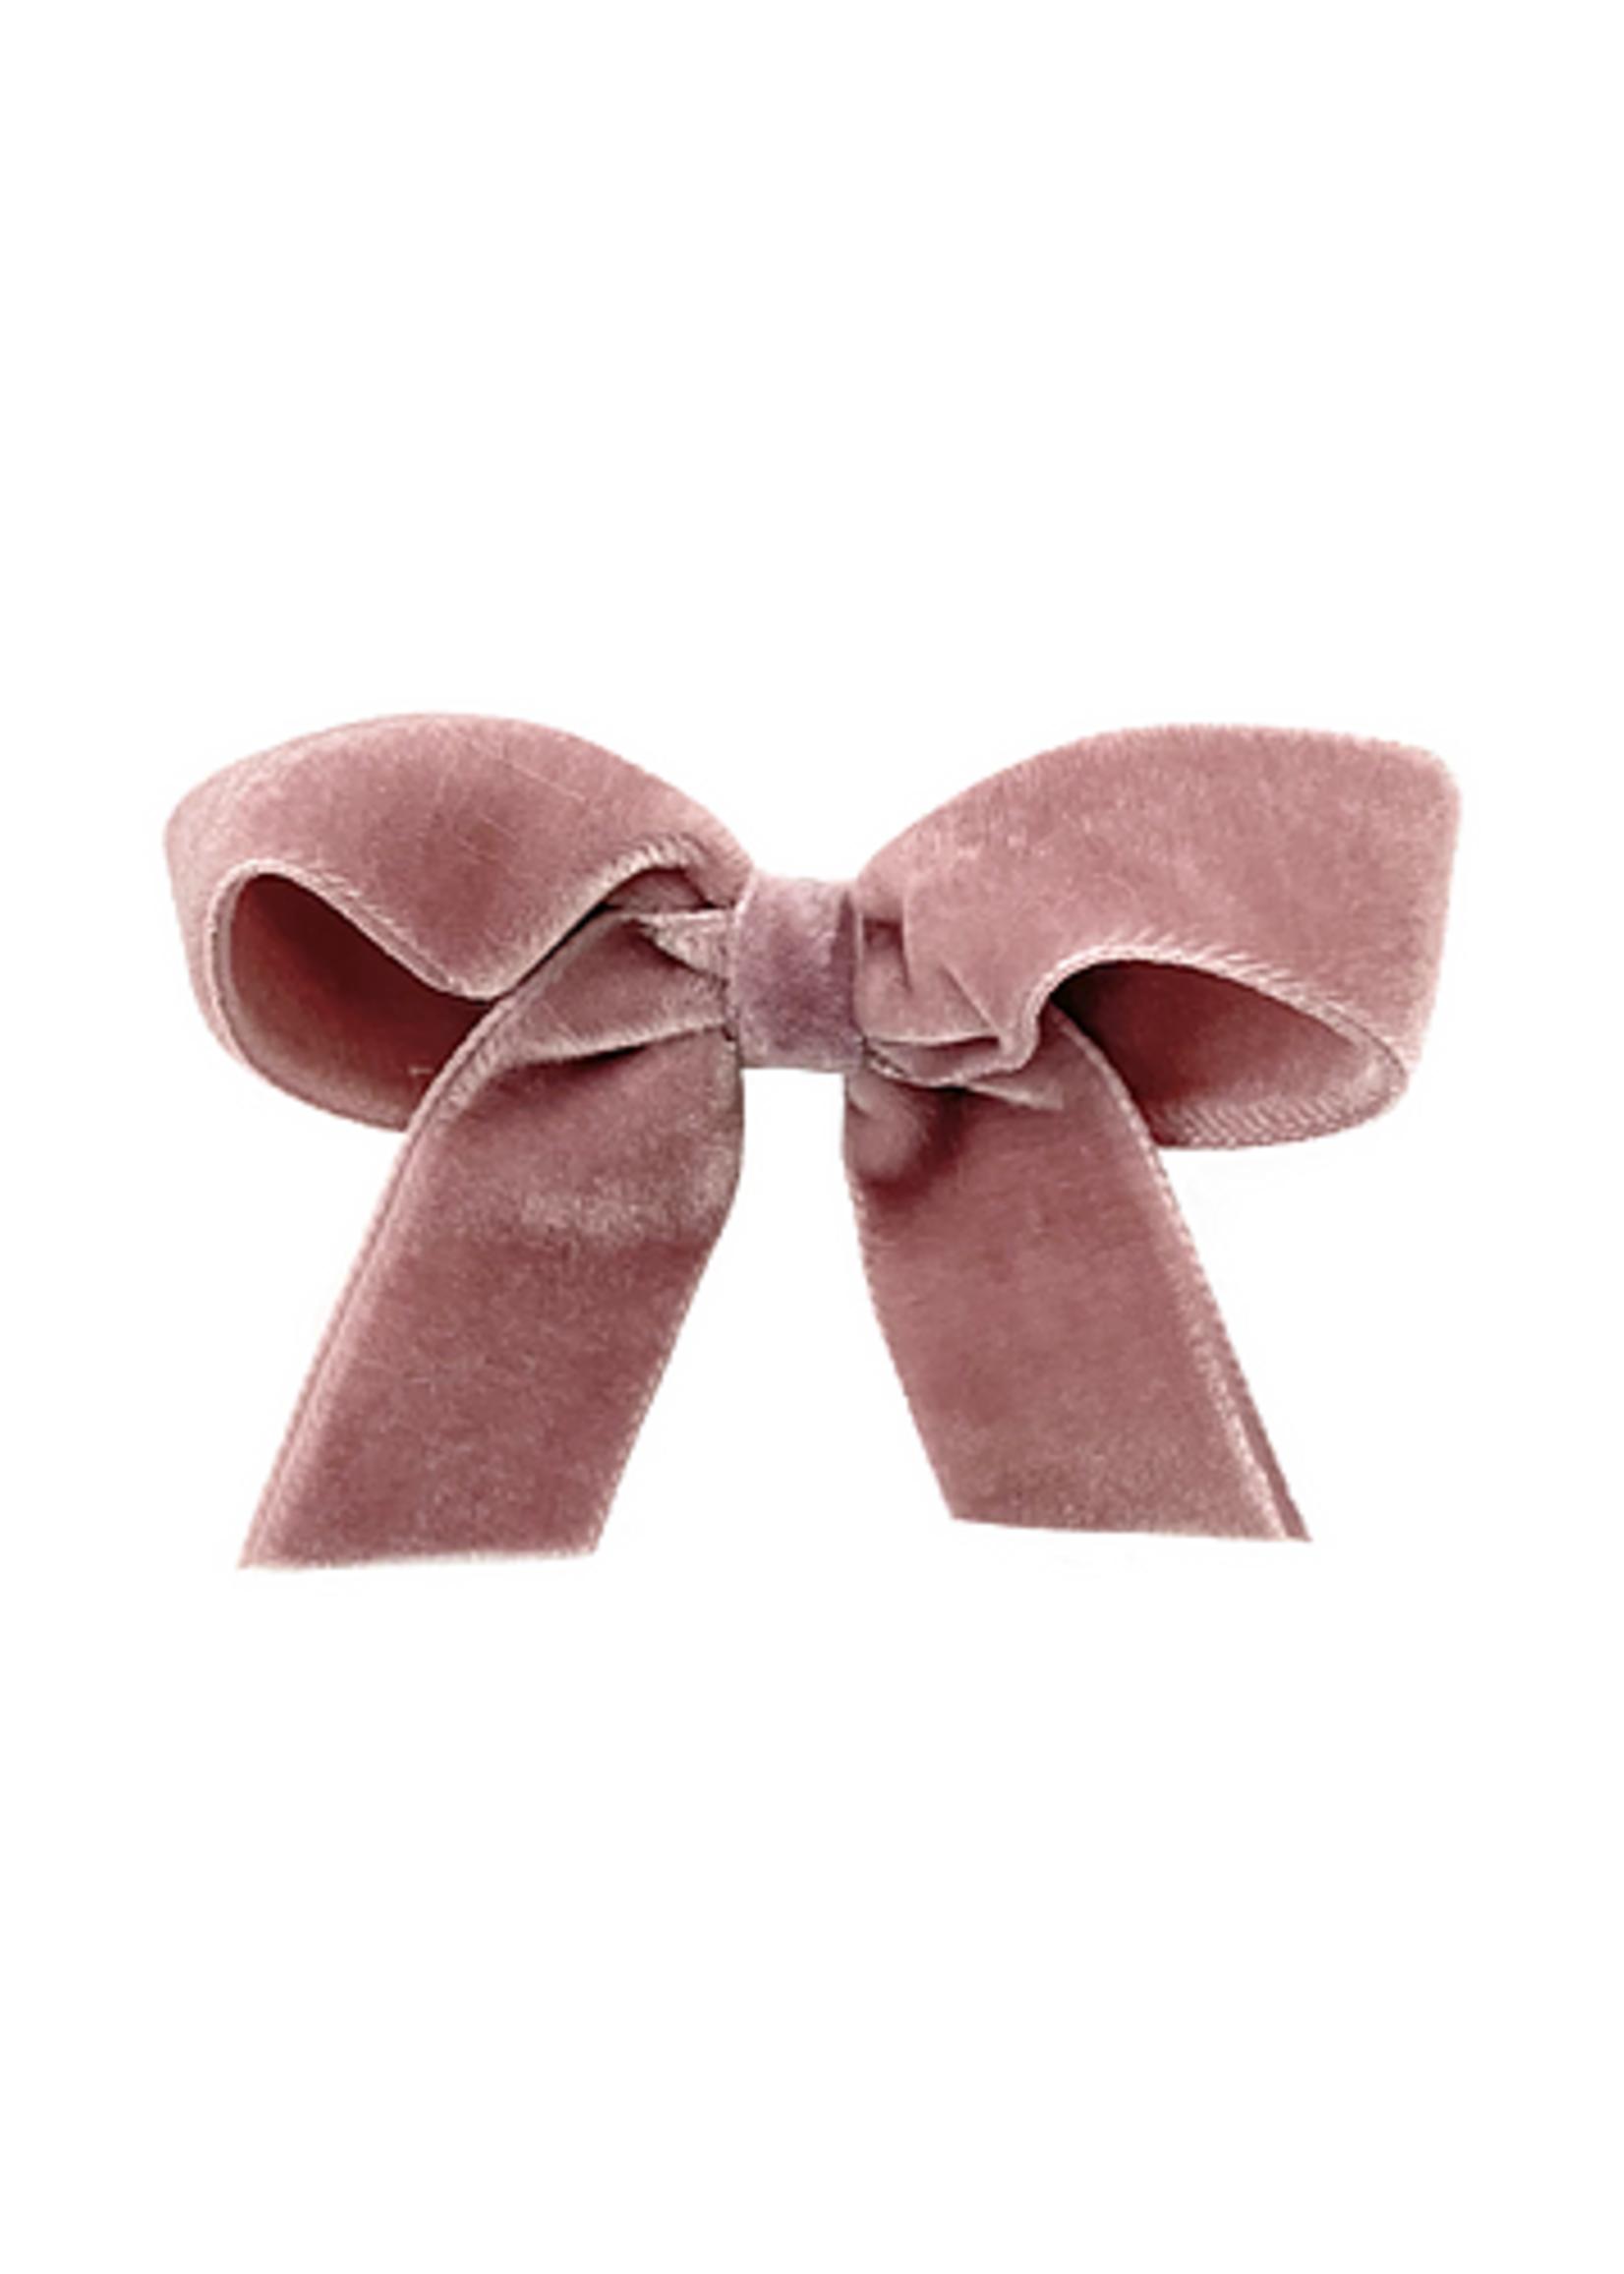 olilia Olilia Velvet Bow (Rosy Mauve)